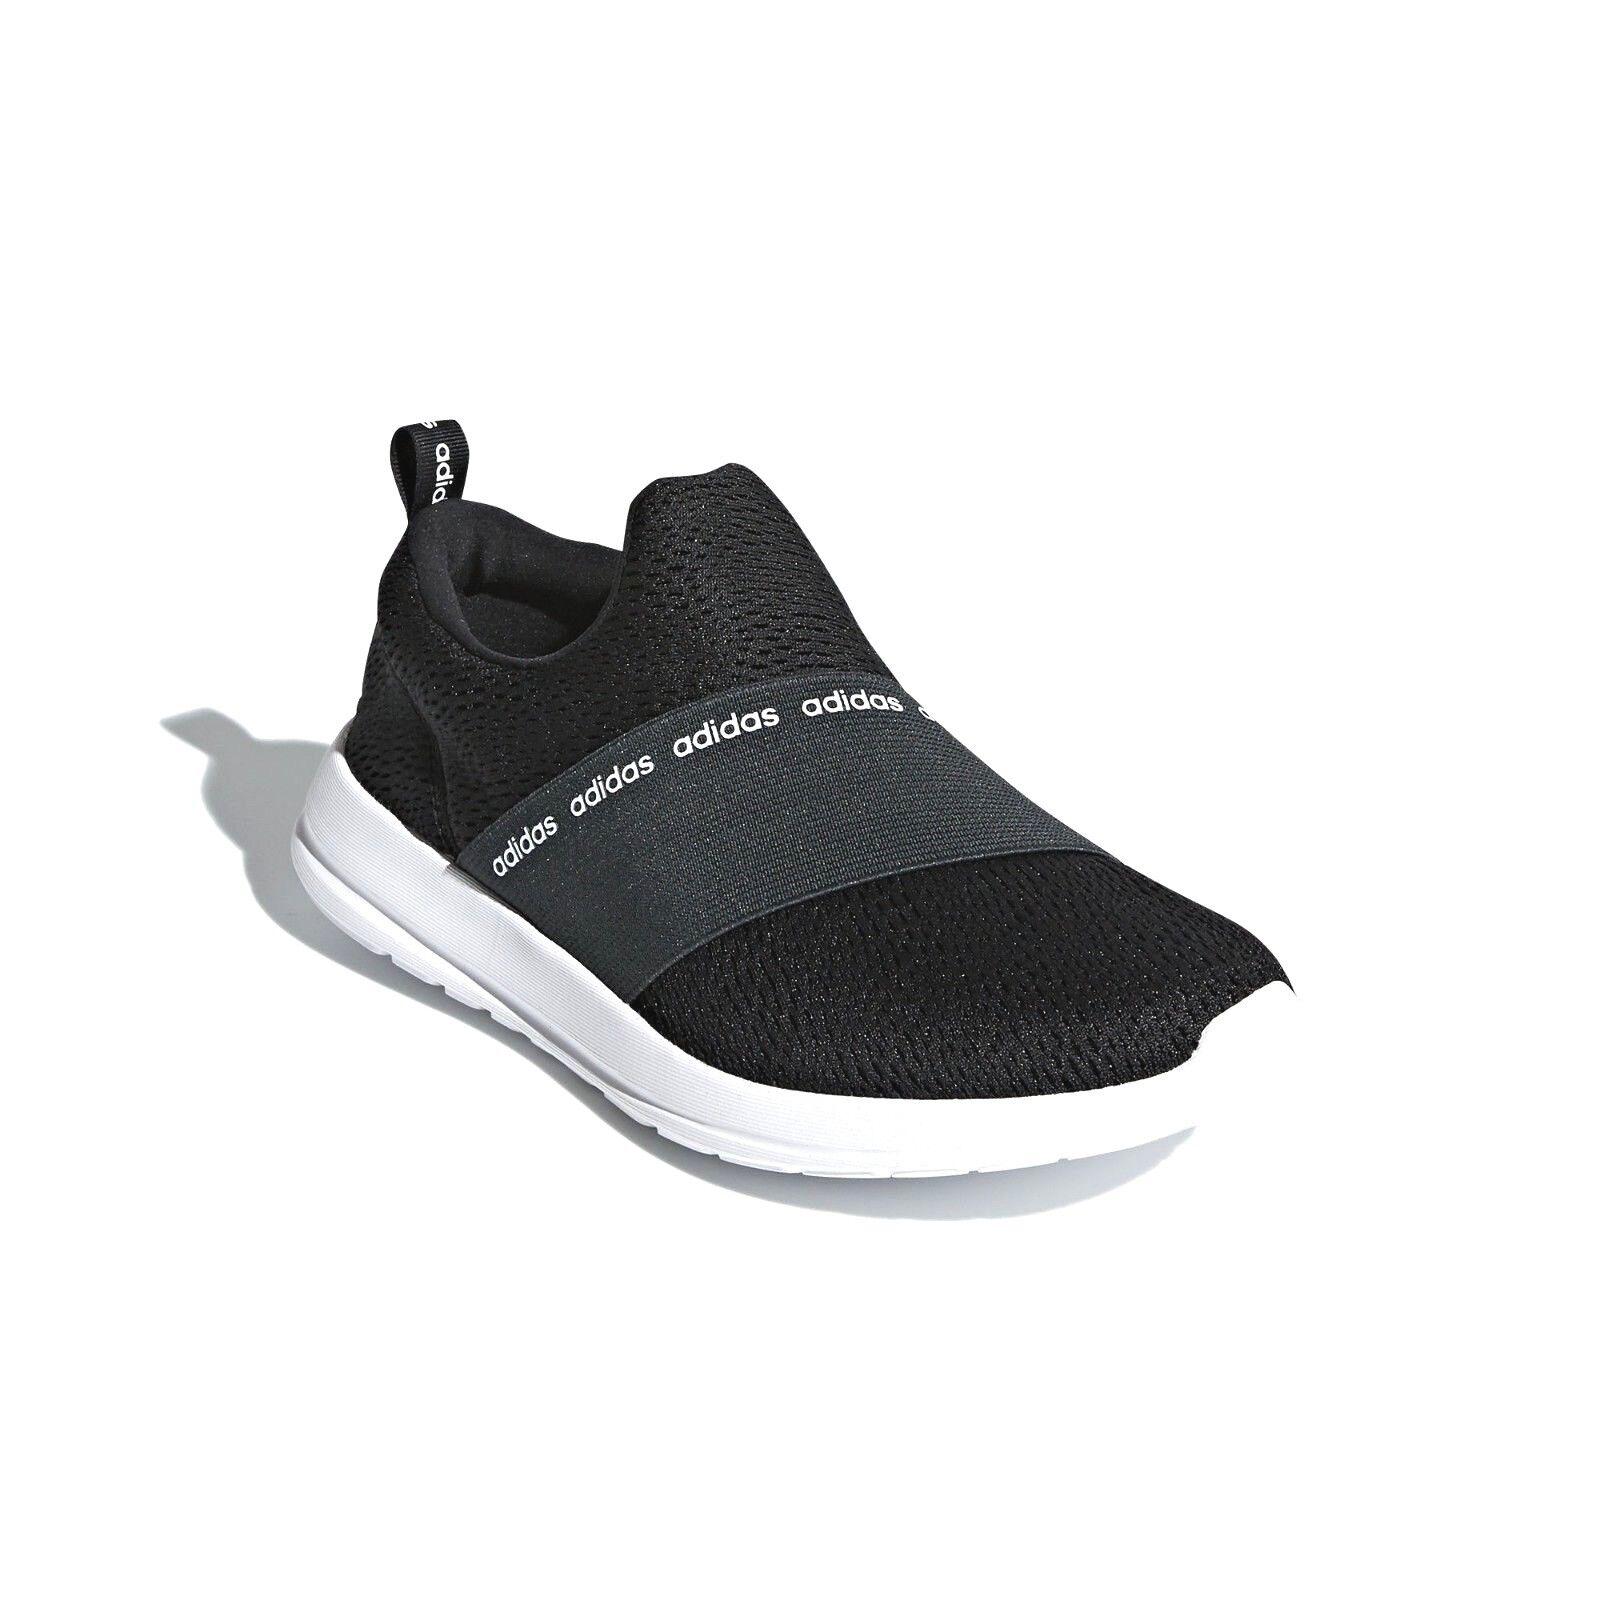 Adidas Schuhe Verfeinern Adapt Slipon-w Slipon-w Slipon-w Gymnastik Frau Turnschuhe schwarz Sport 5107ac